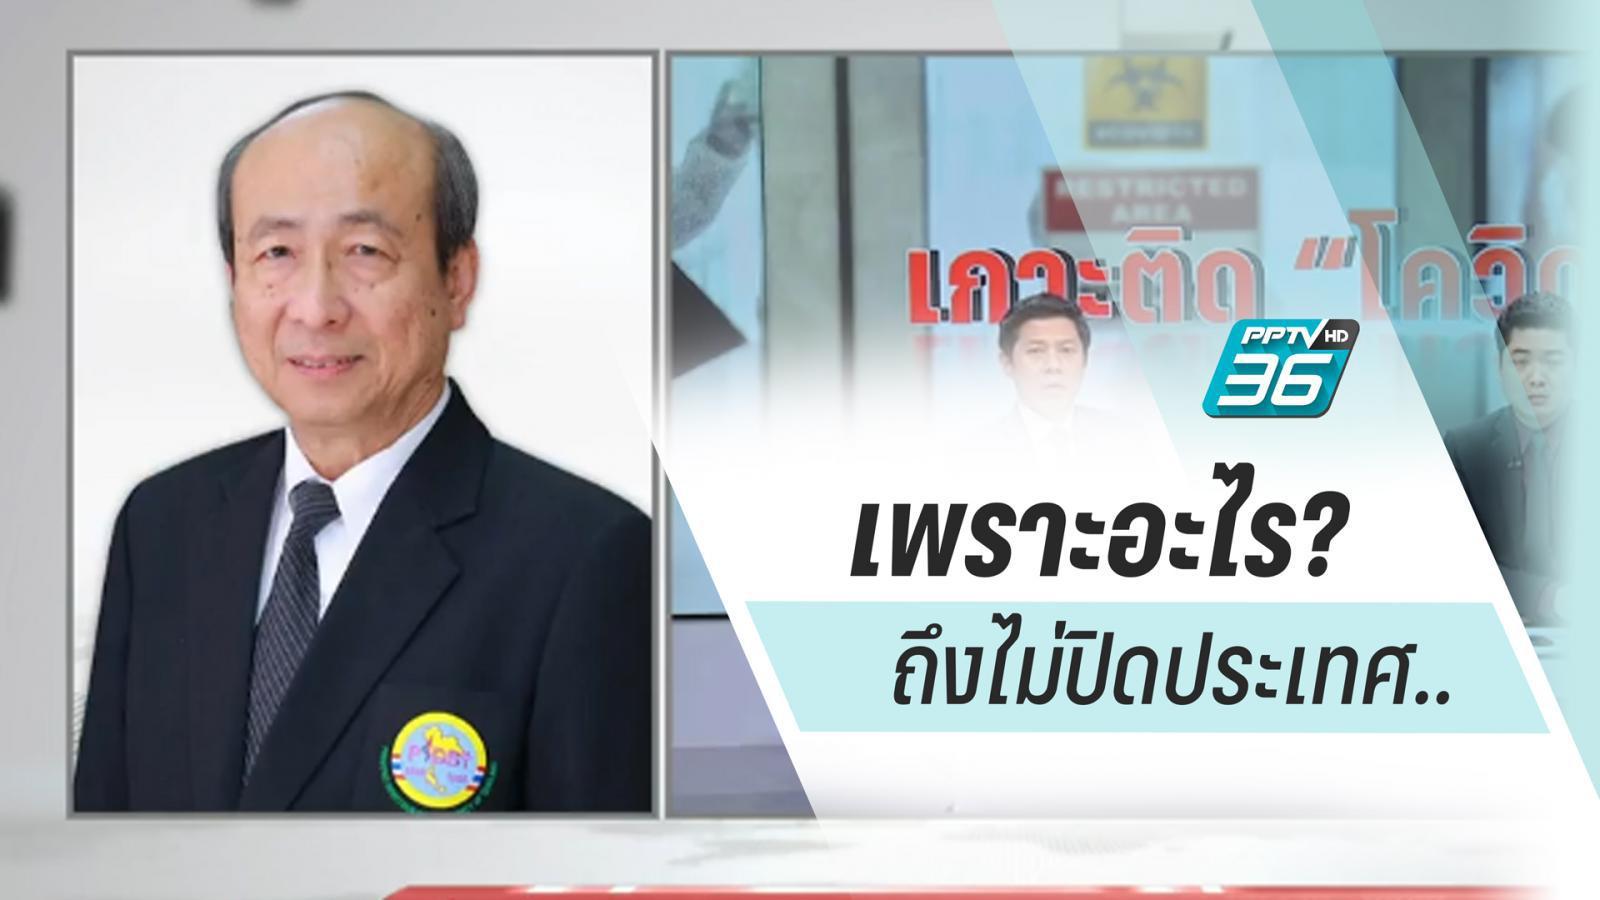 เพราะอะไรไทยถึงไม่ปิดประเทศ เป็นยาแรงป้องกัน 'โควิด-19'